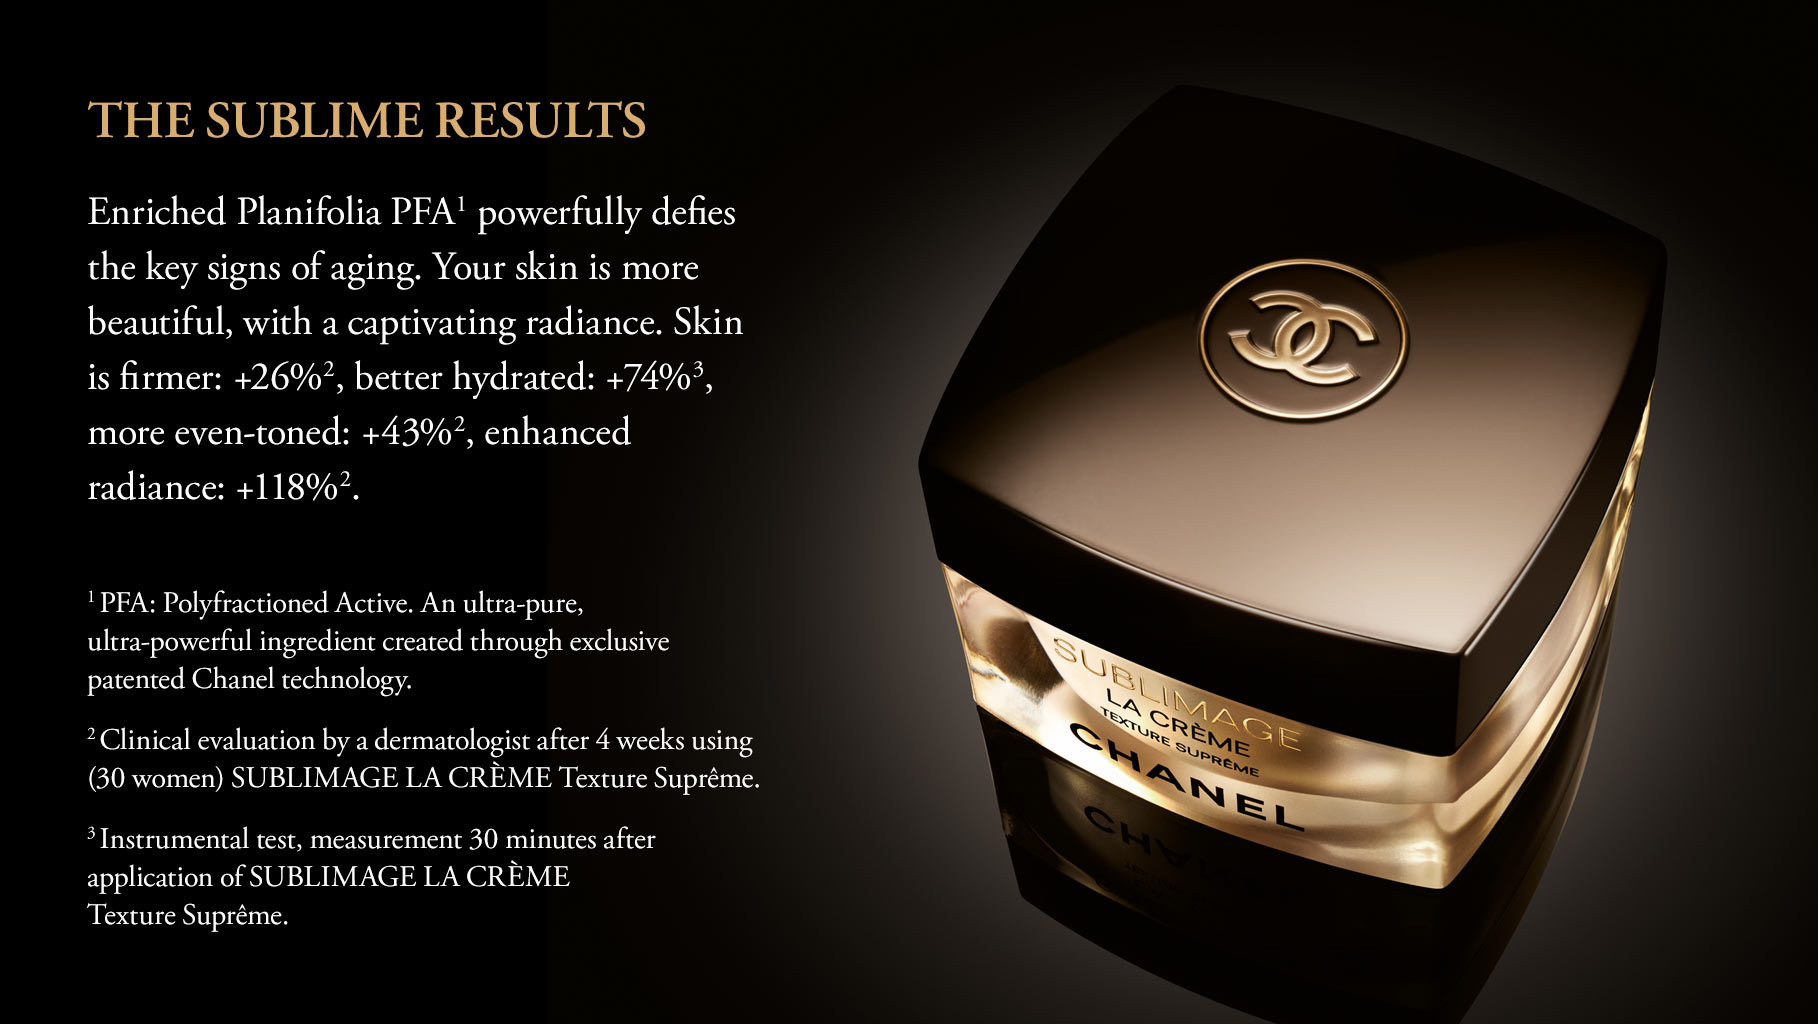 �ล�าร���หารู��า�สำหรั� Chanel Sublimage La Creme Texture Supreme